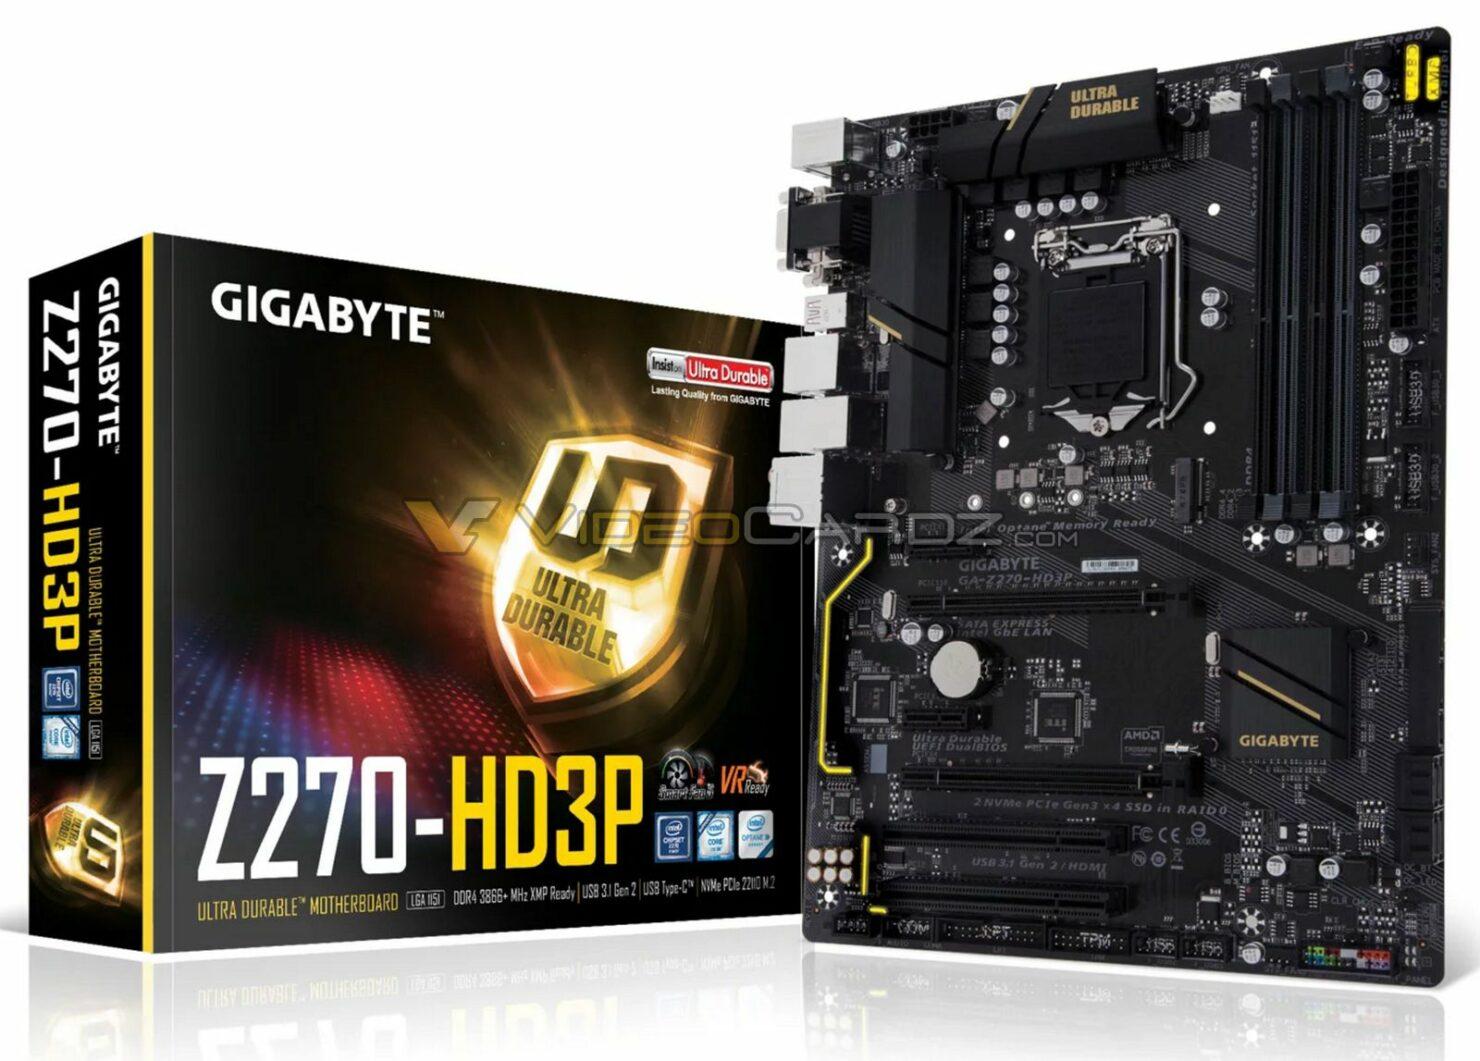 gigabyte-z270-hd3p